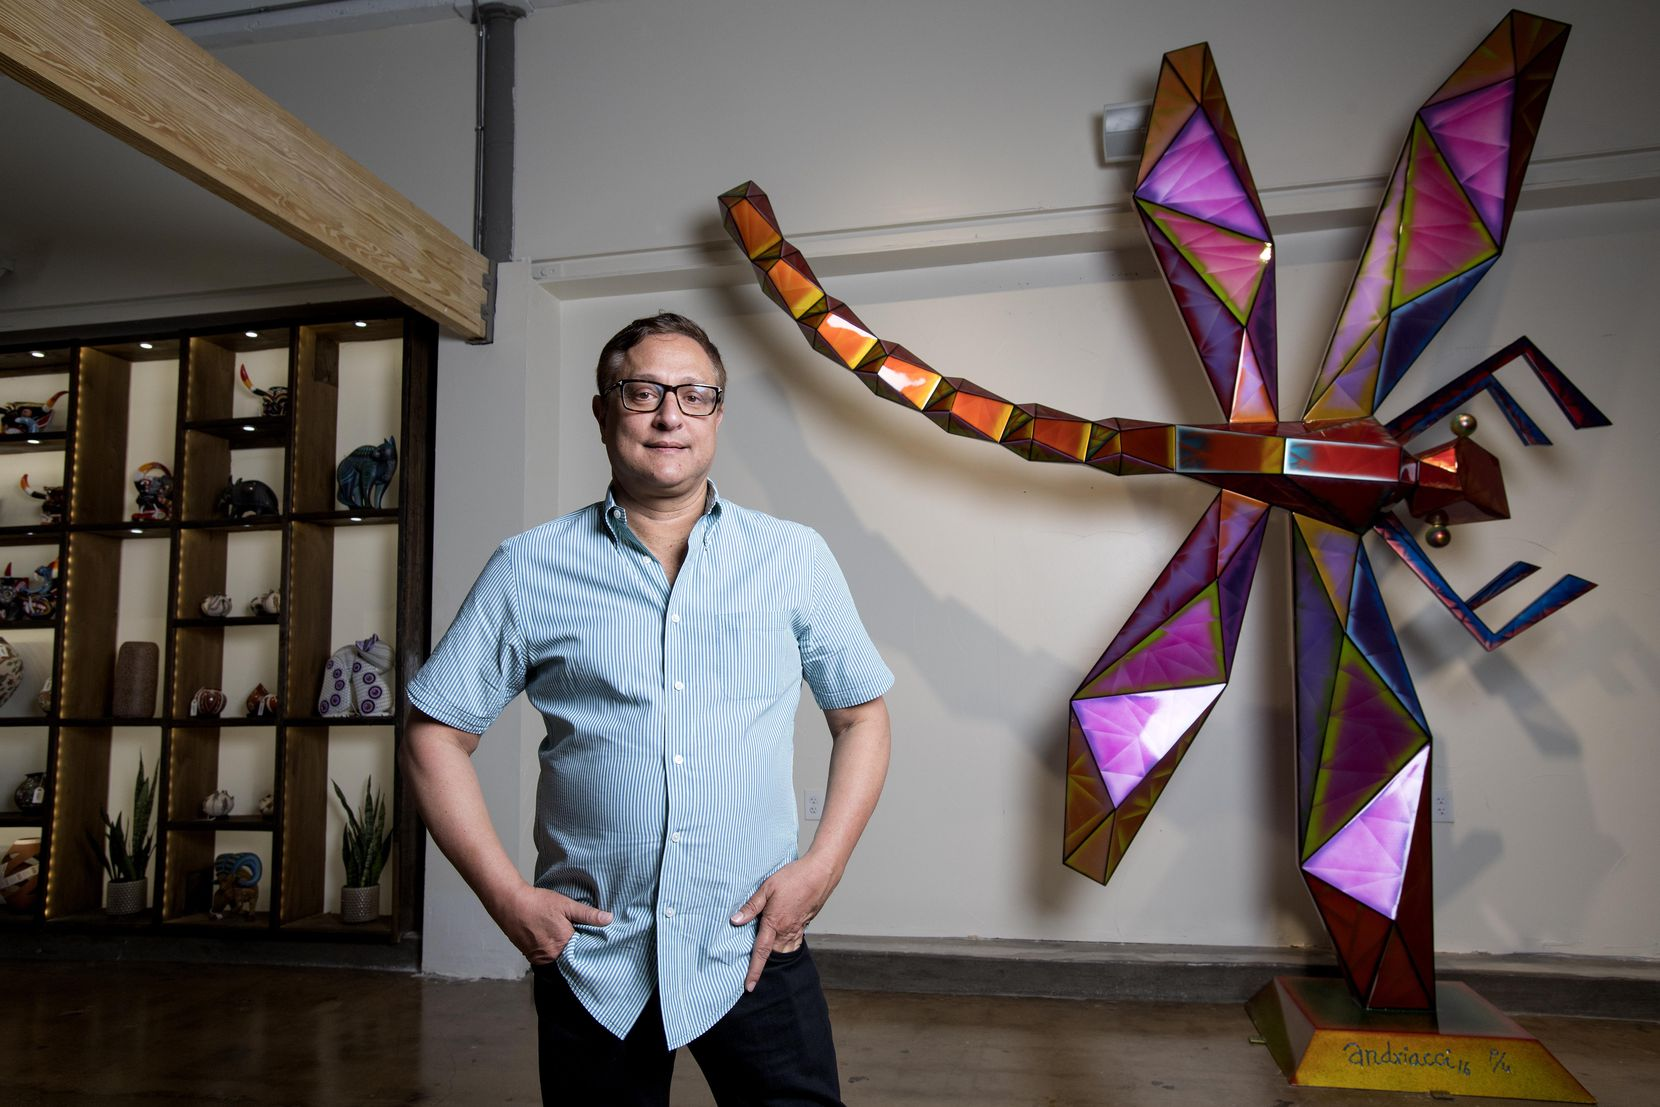 Jorge Baldor, fundador de Mercado Artesanal, junto a una de las piezas en exhibición. JEFFREY McWHORTER